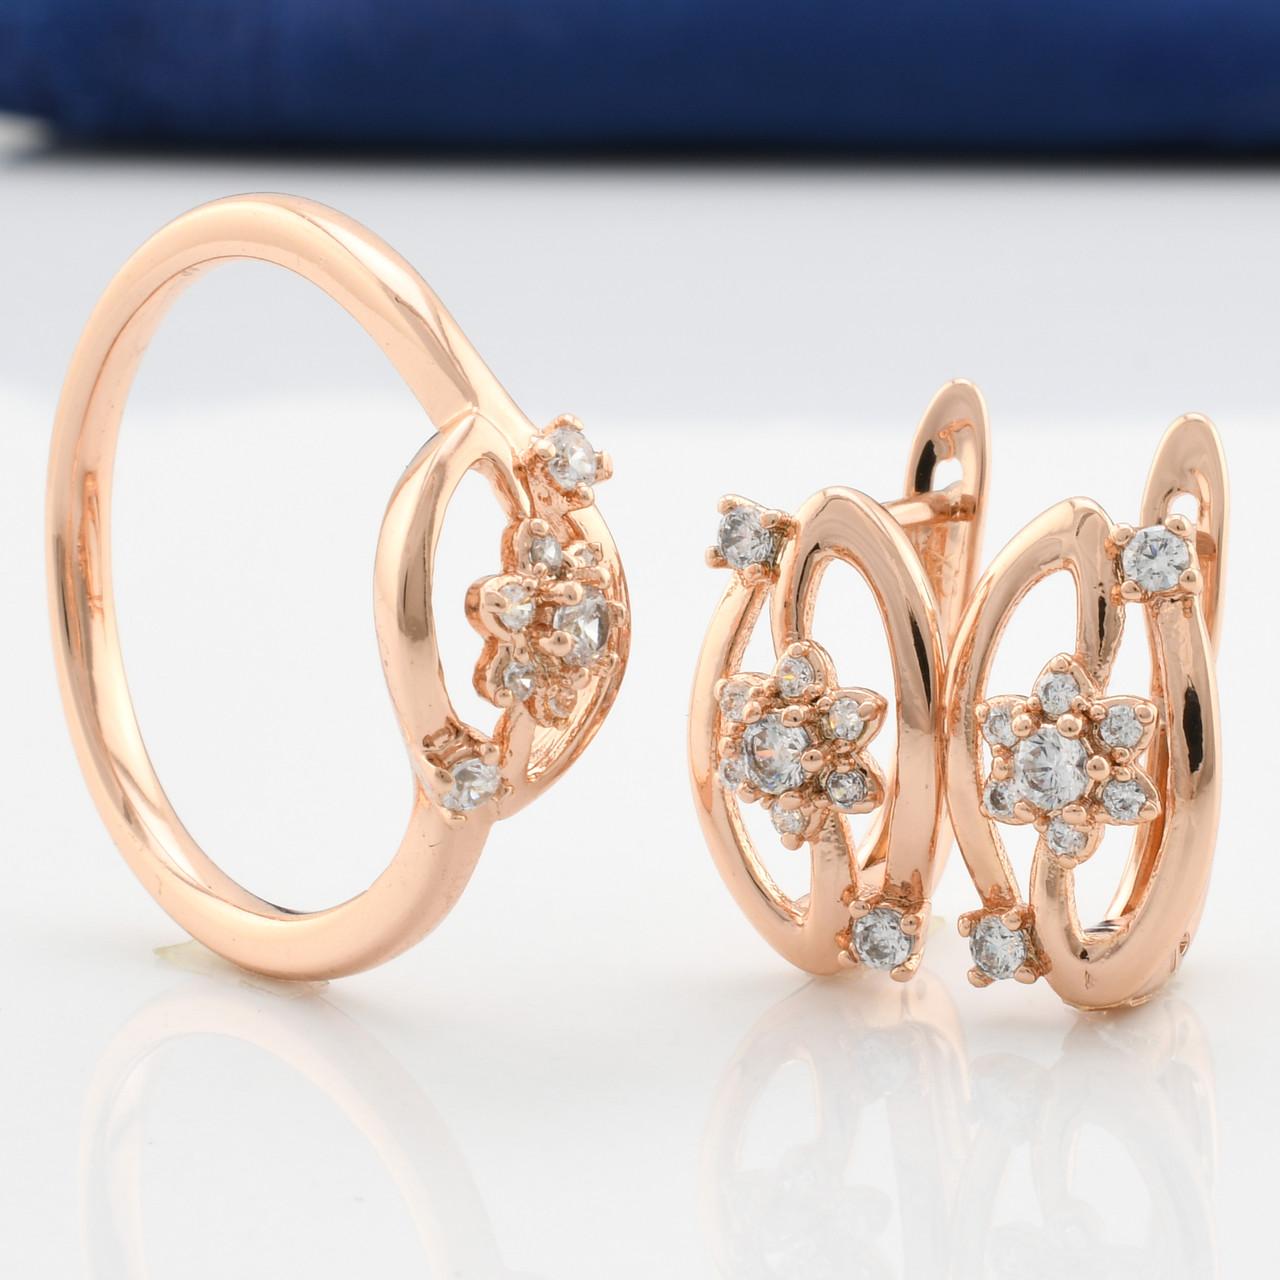 Набор  90178 кольцо размер 20 + серьги 15*8 мм, ,белые фианиты, позолота РО